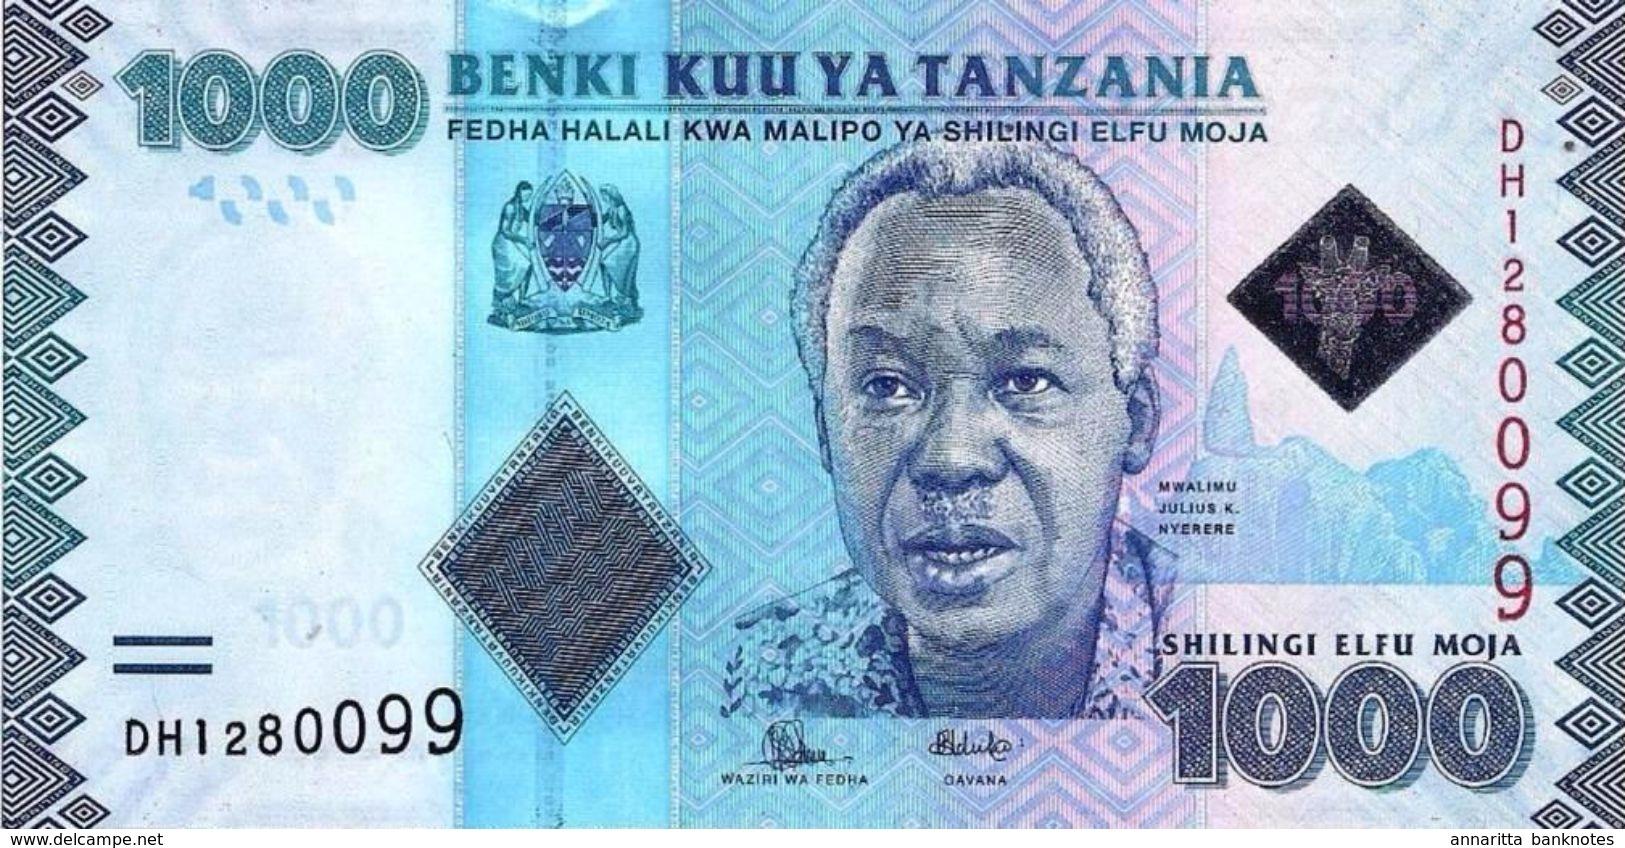 TANZANIA 1000 SHILLINGS ND (2015) P-41b UNC [TZ140b] - Tanzania